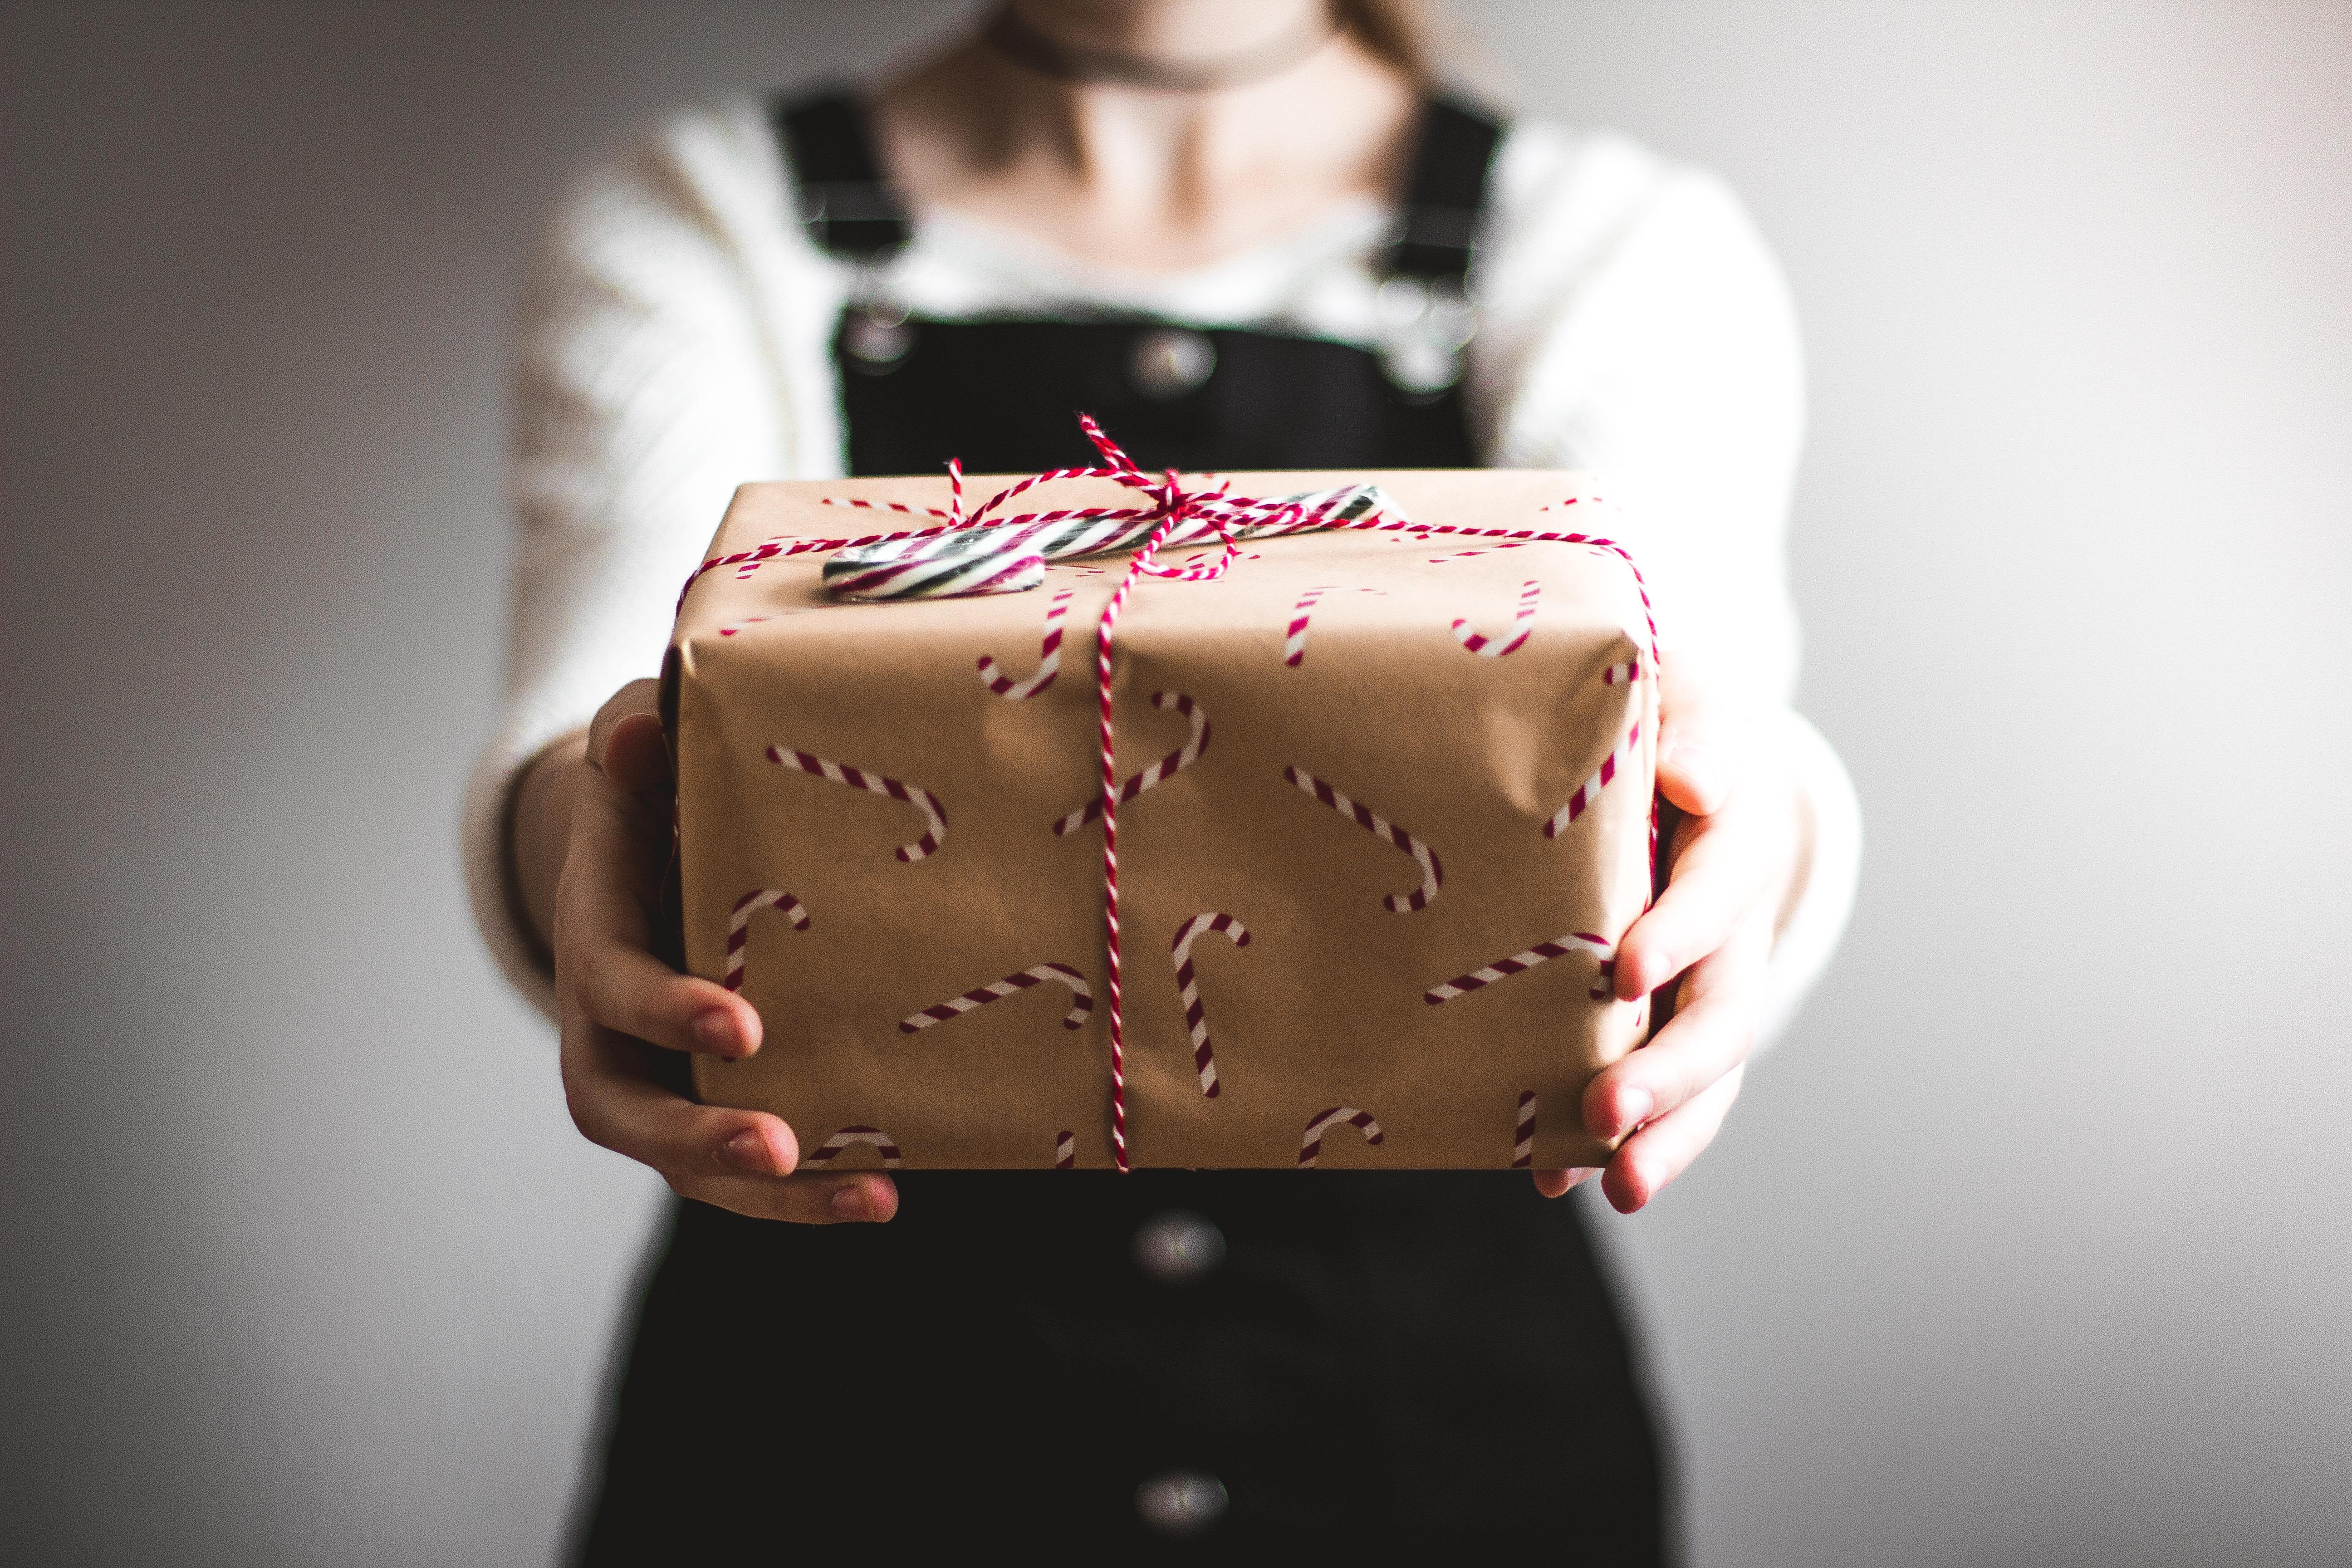 Den gode chef - Glæd medarbejderne med en gave